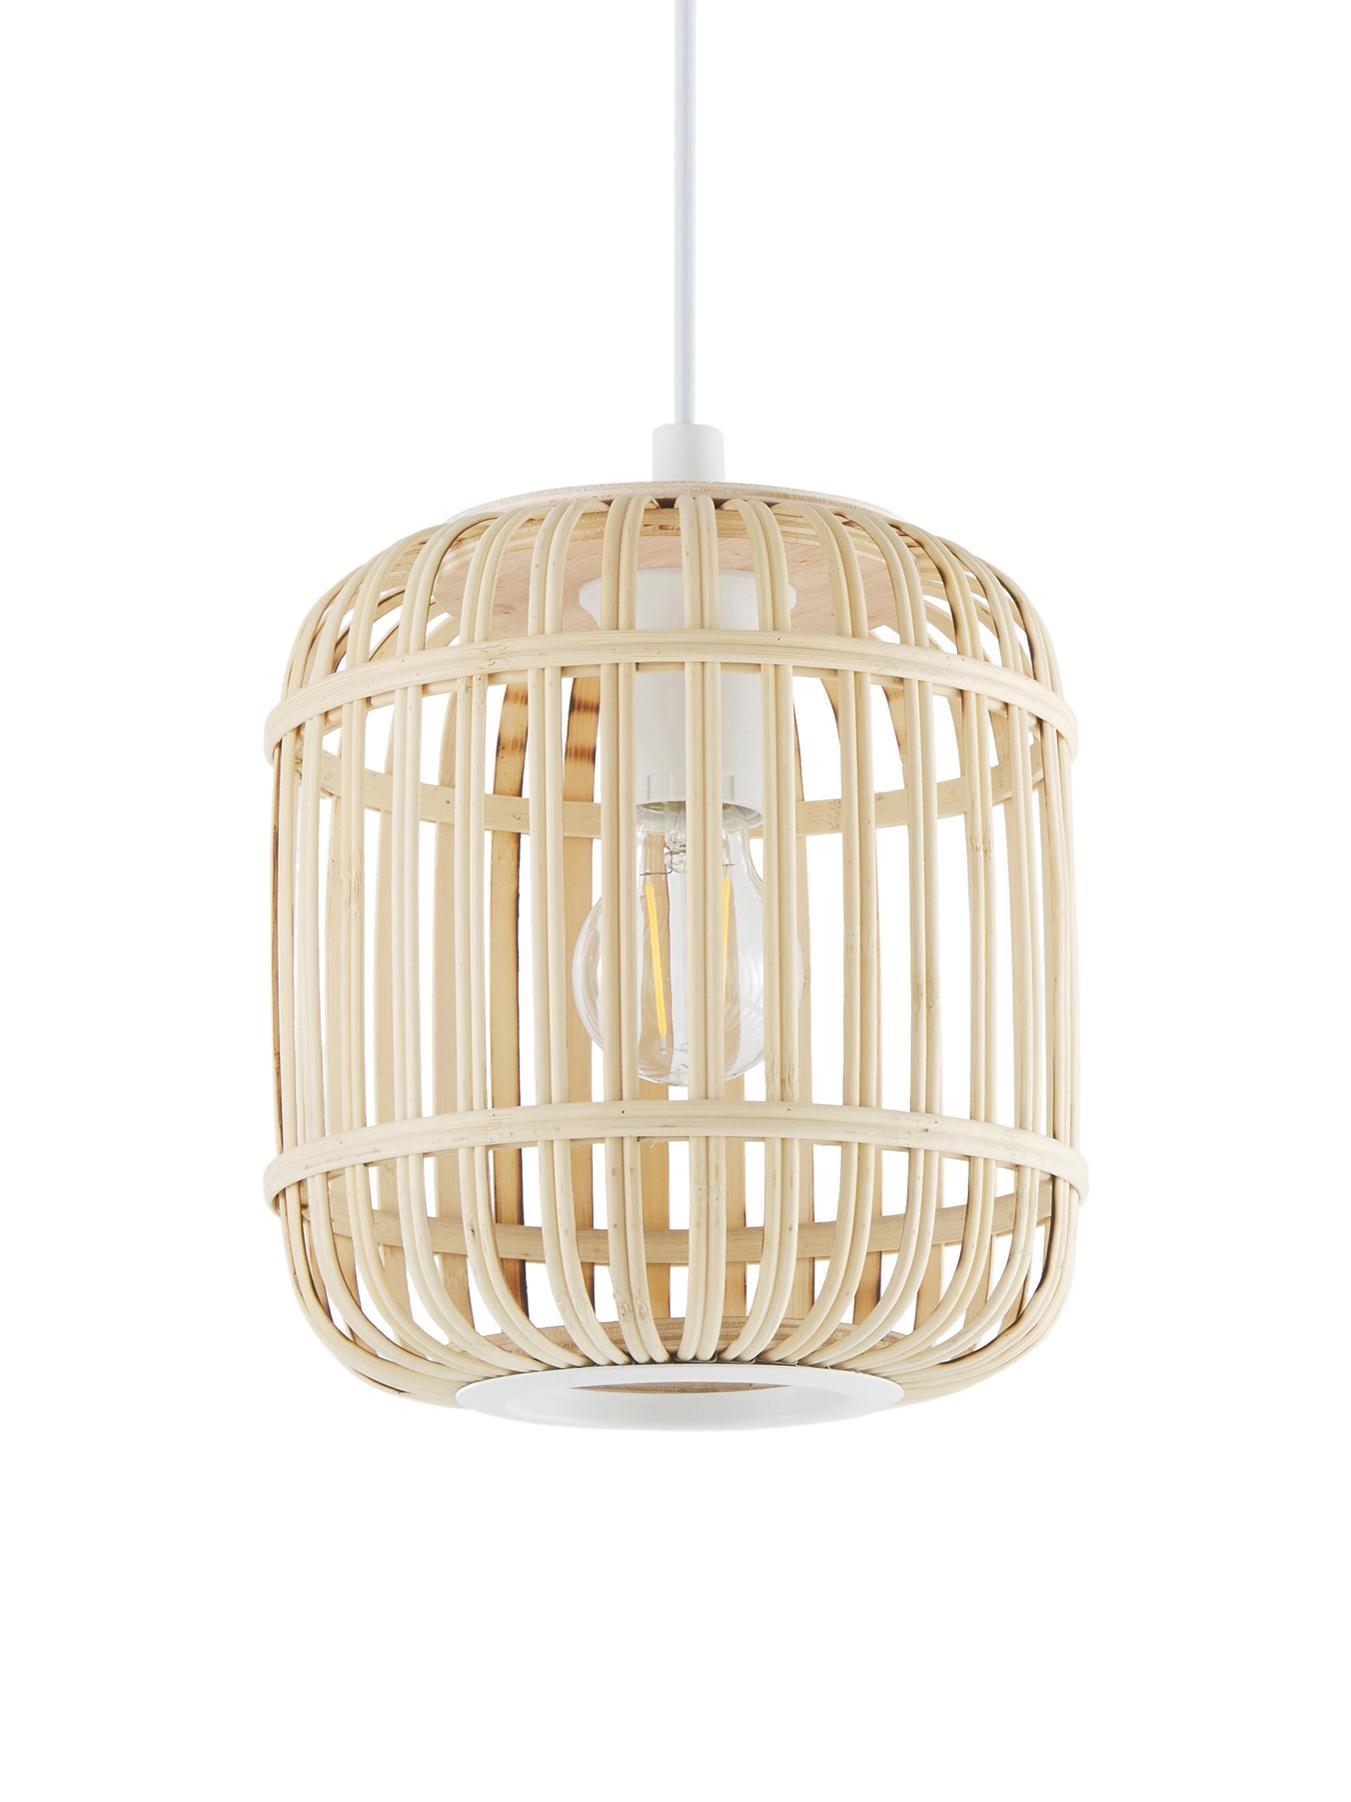 Lámpara de techo Adam, Anclaje: metal, con pintura en pol, Pantalla: bambú, madera contrachapa, Cable: plástico El bambú es una , Blanco, beige, Ø 21 x Al 24 cm